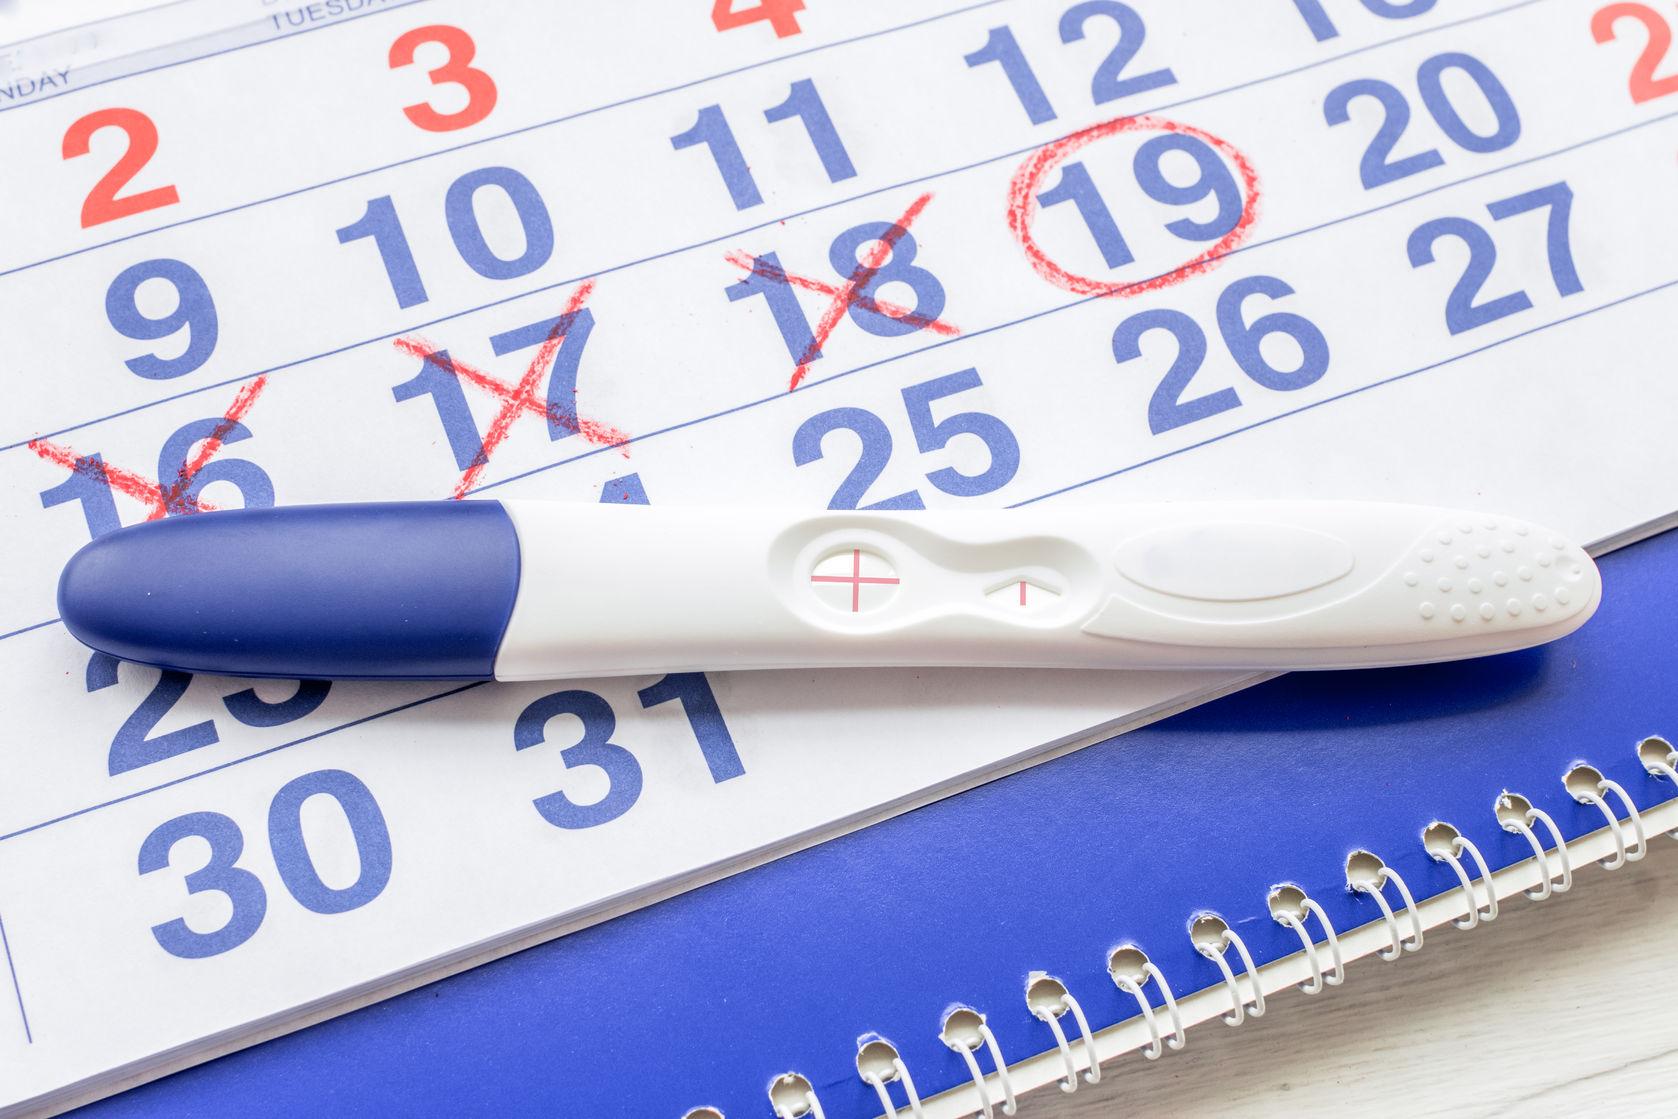 Aktualizacja pokazu w ciąży i randek